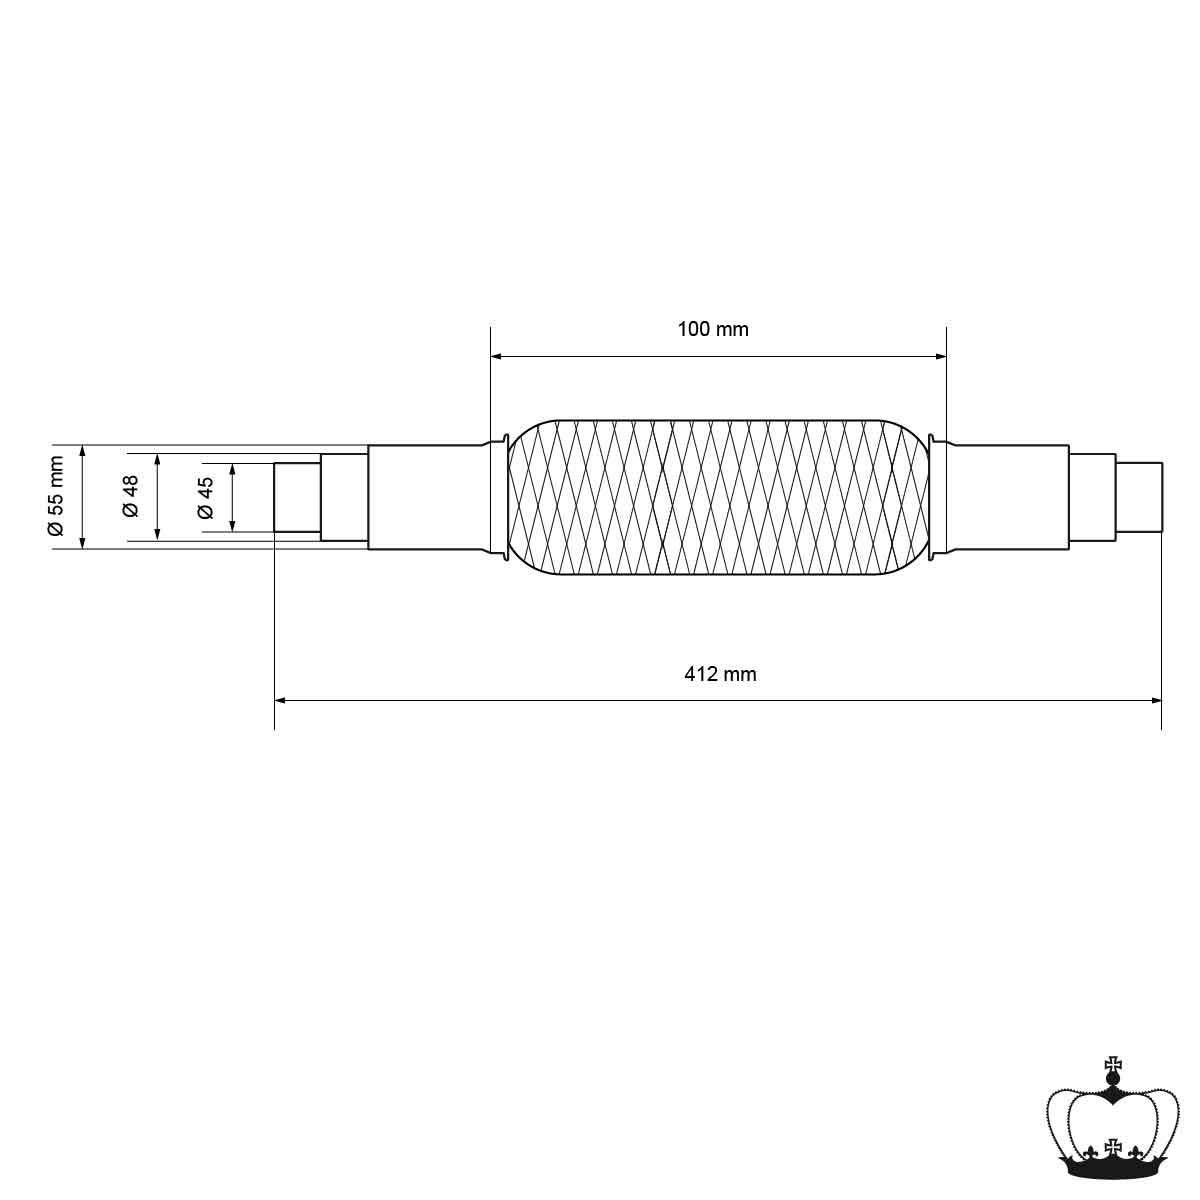 Auspuff-Montagepaste 60g Paste Flexst/ück Wellrohr Hosenrohr Flexibles Rohr ECD Germany Universal Flexrohr Edelstahl Interlock 45 x 230 mm mit 2 Schellen Montage ohne Schwei/ßen